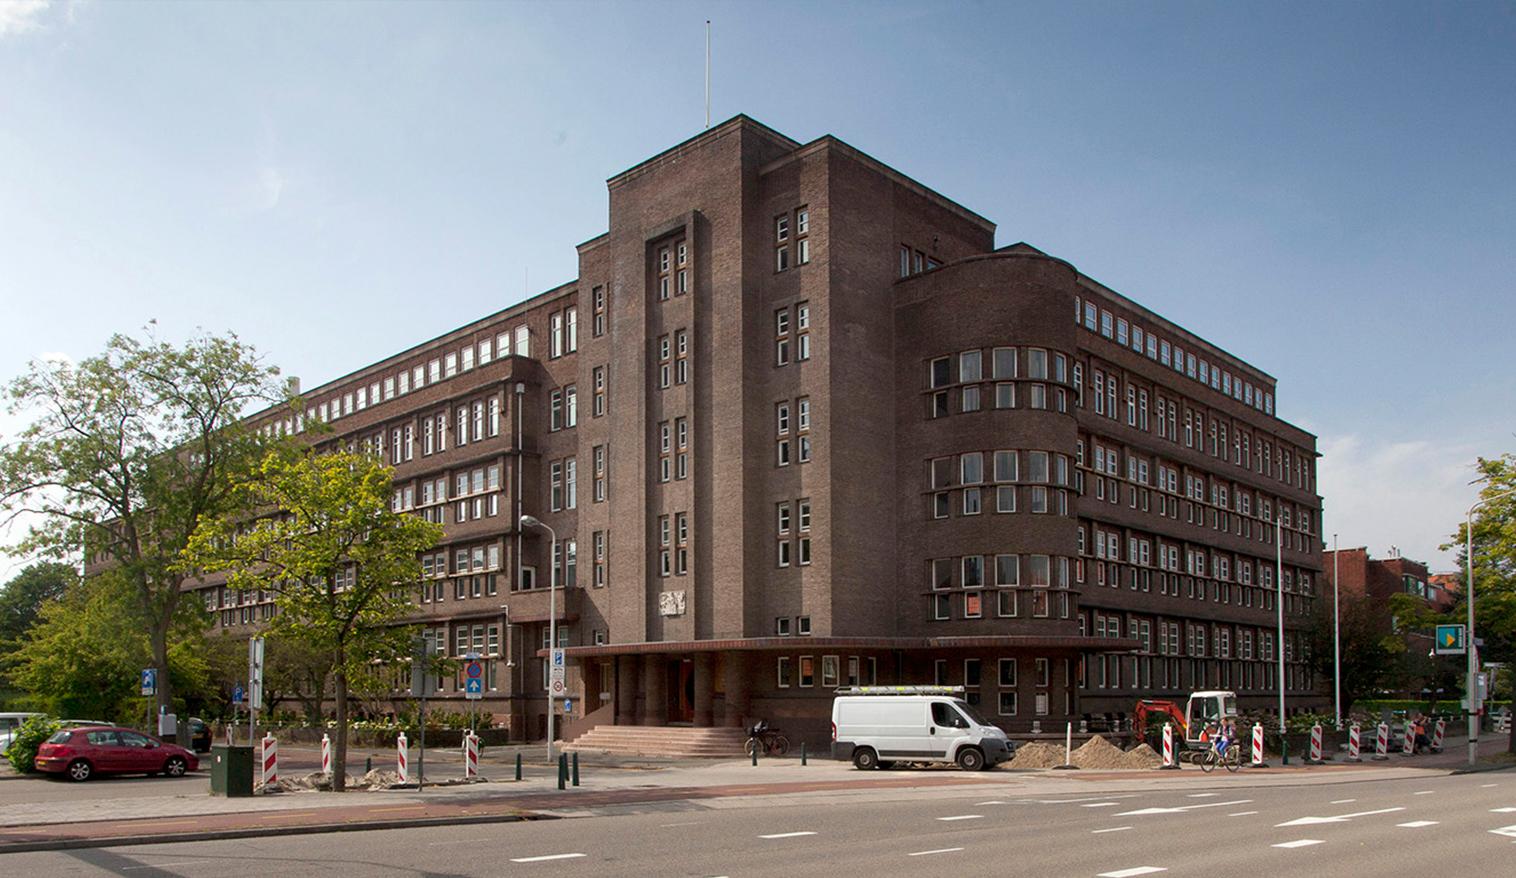 02 OPL Architecten_Willem Witsen DenHaag-1516×878-72dpi